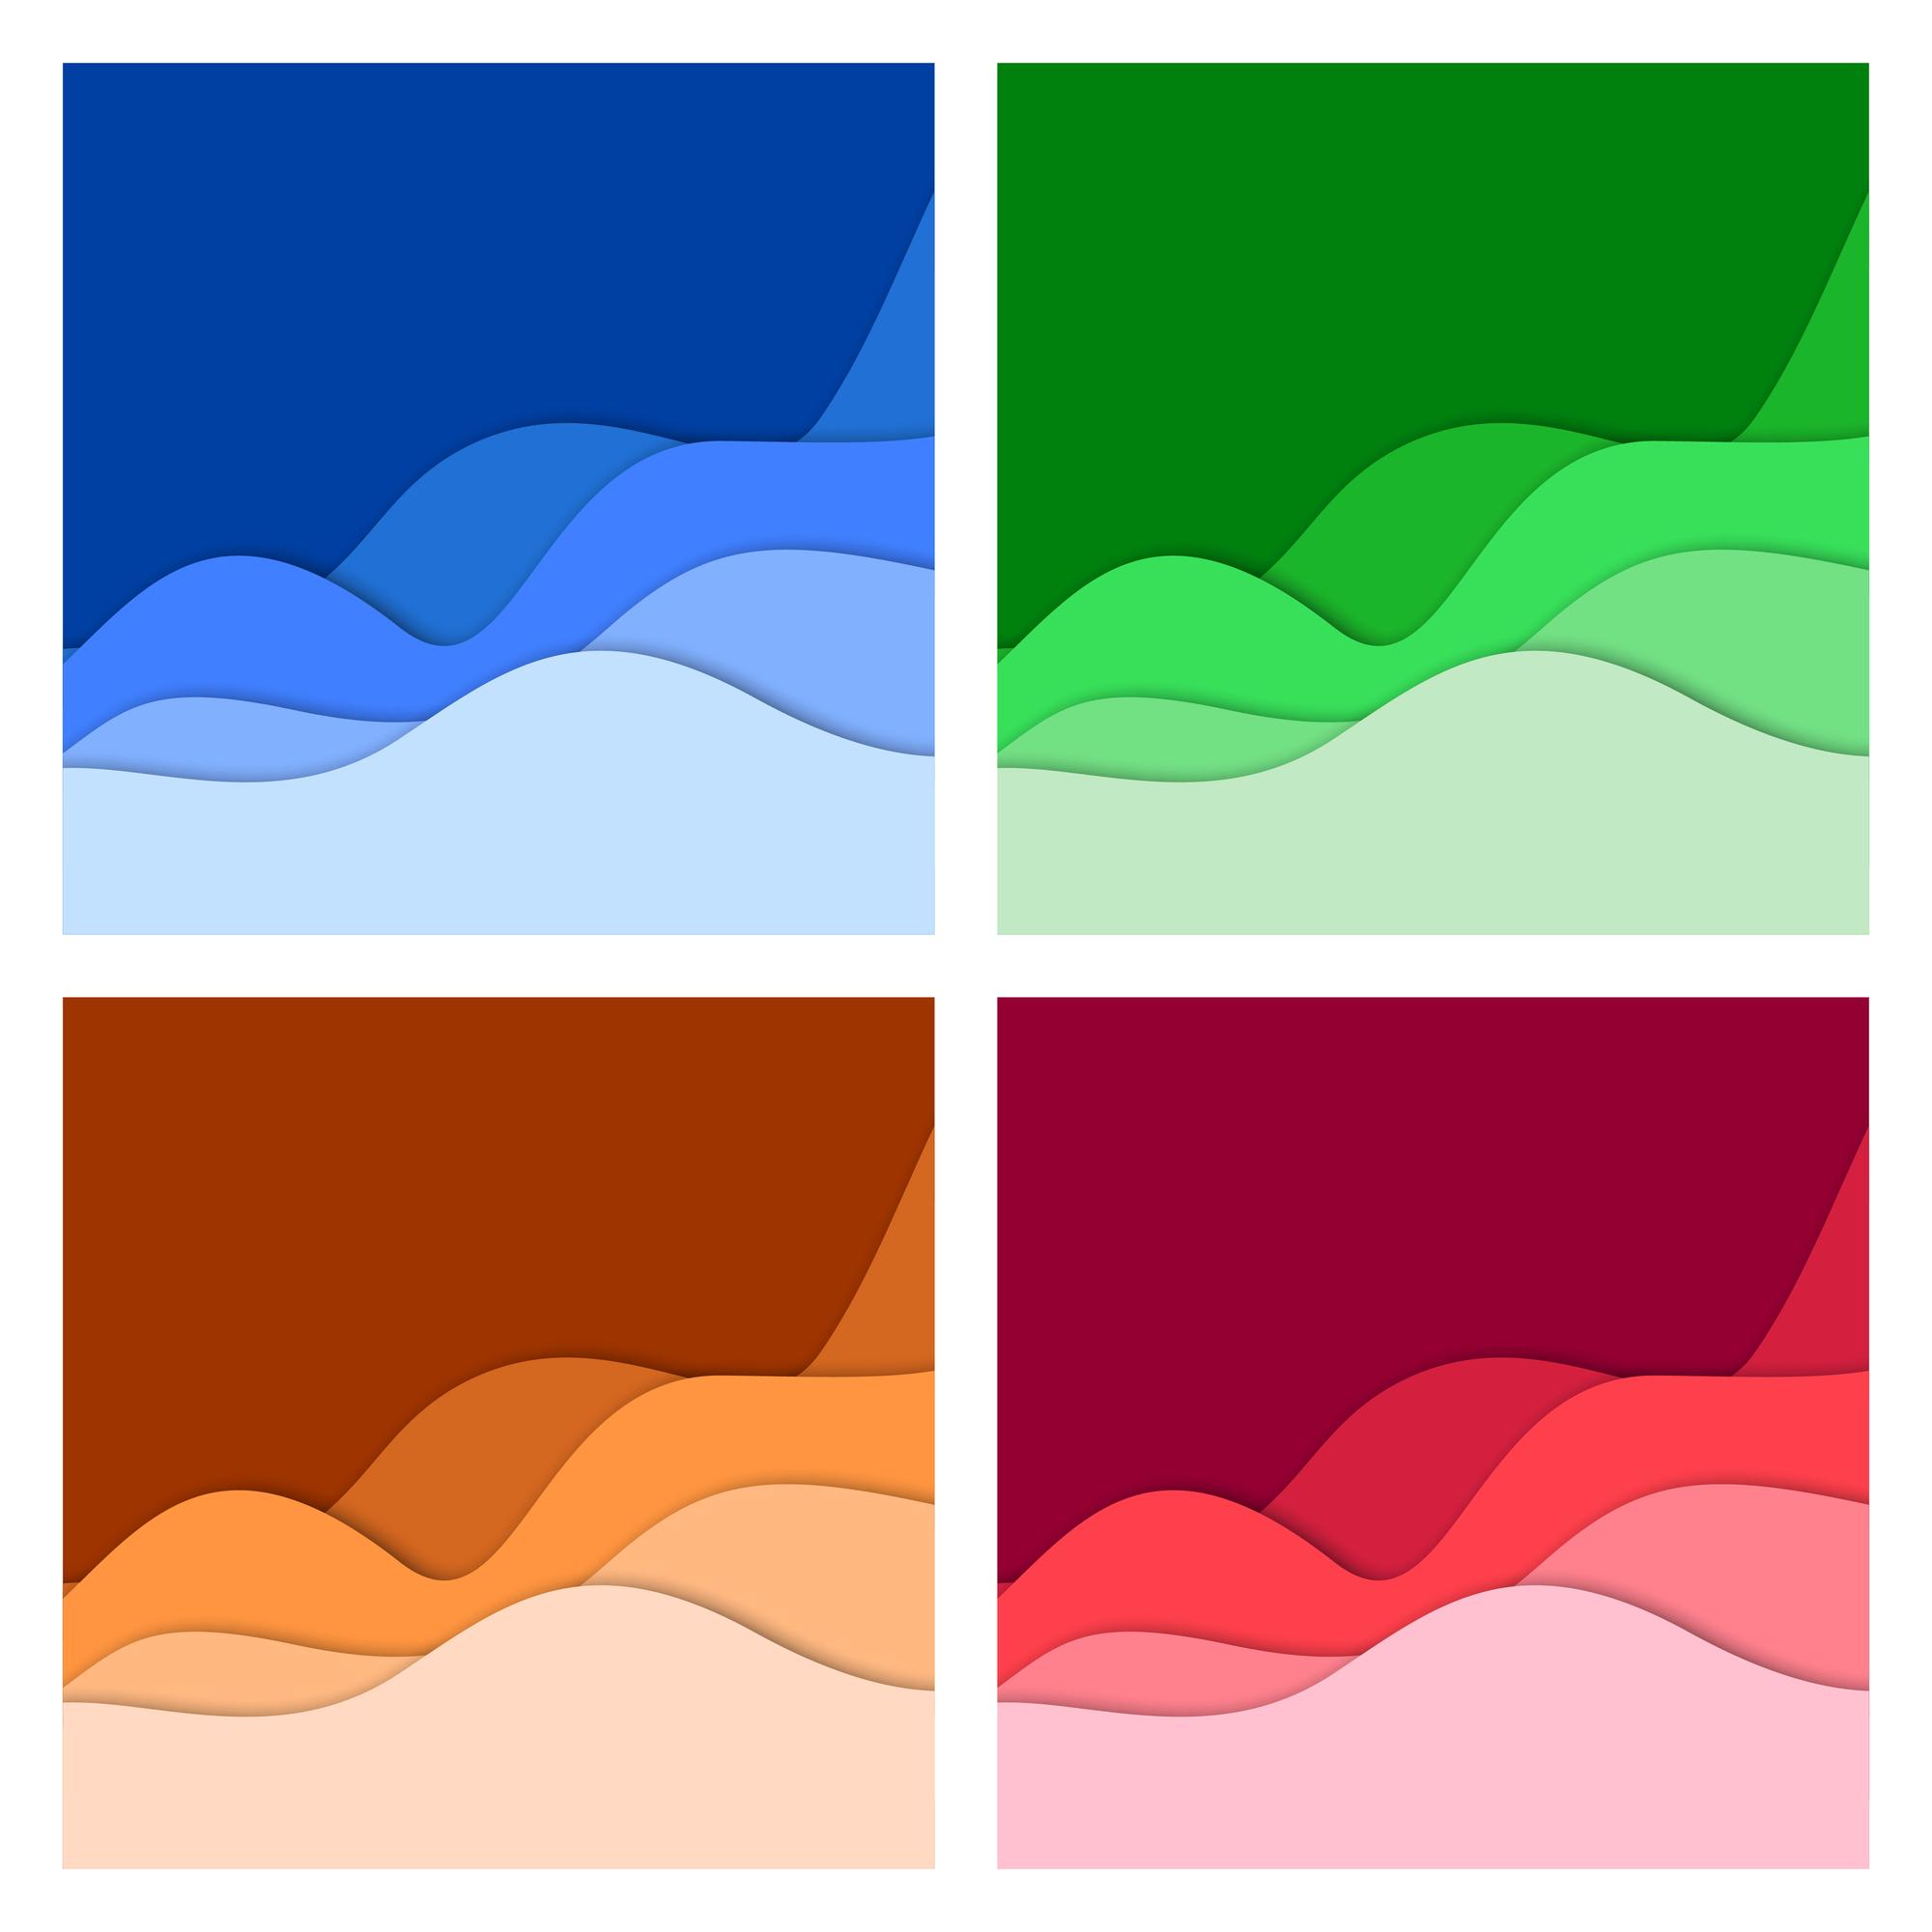 背景色が青、緑、オレンジ、赤の4枚の画像